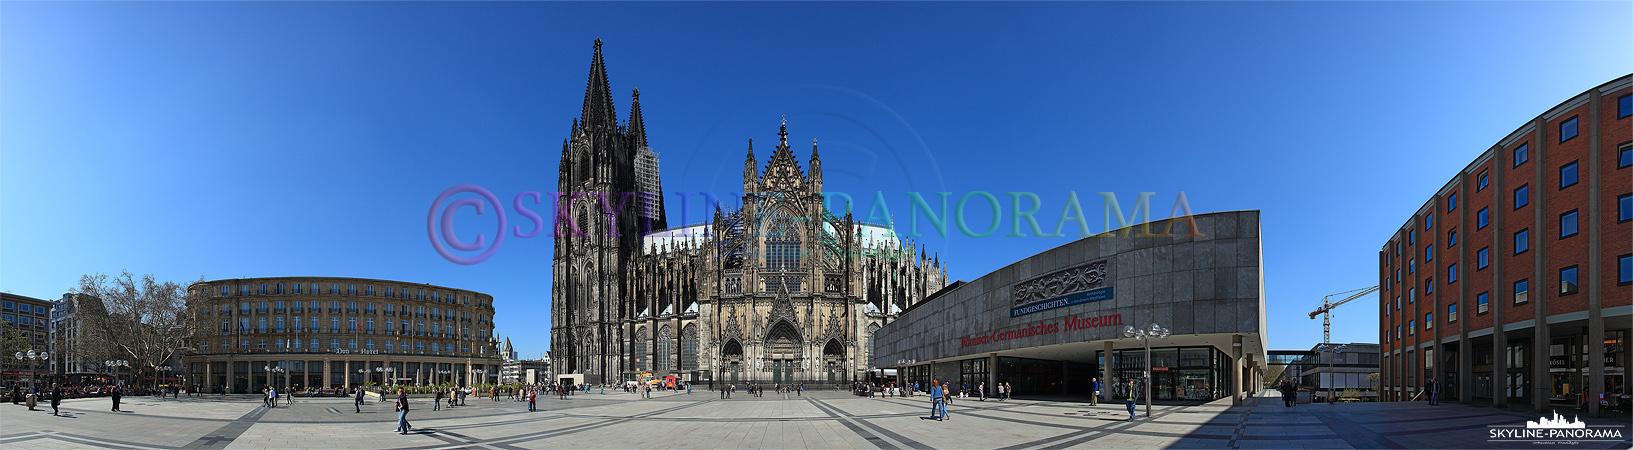 Panorama Bild - Die Kölner Domplatte am Tag aufgenommen.